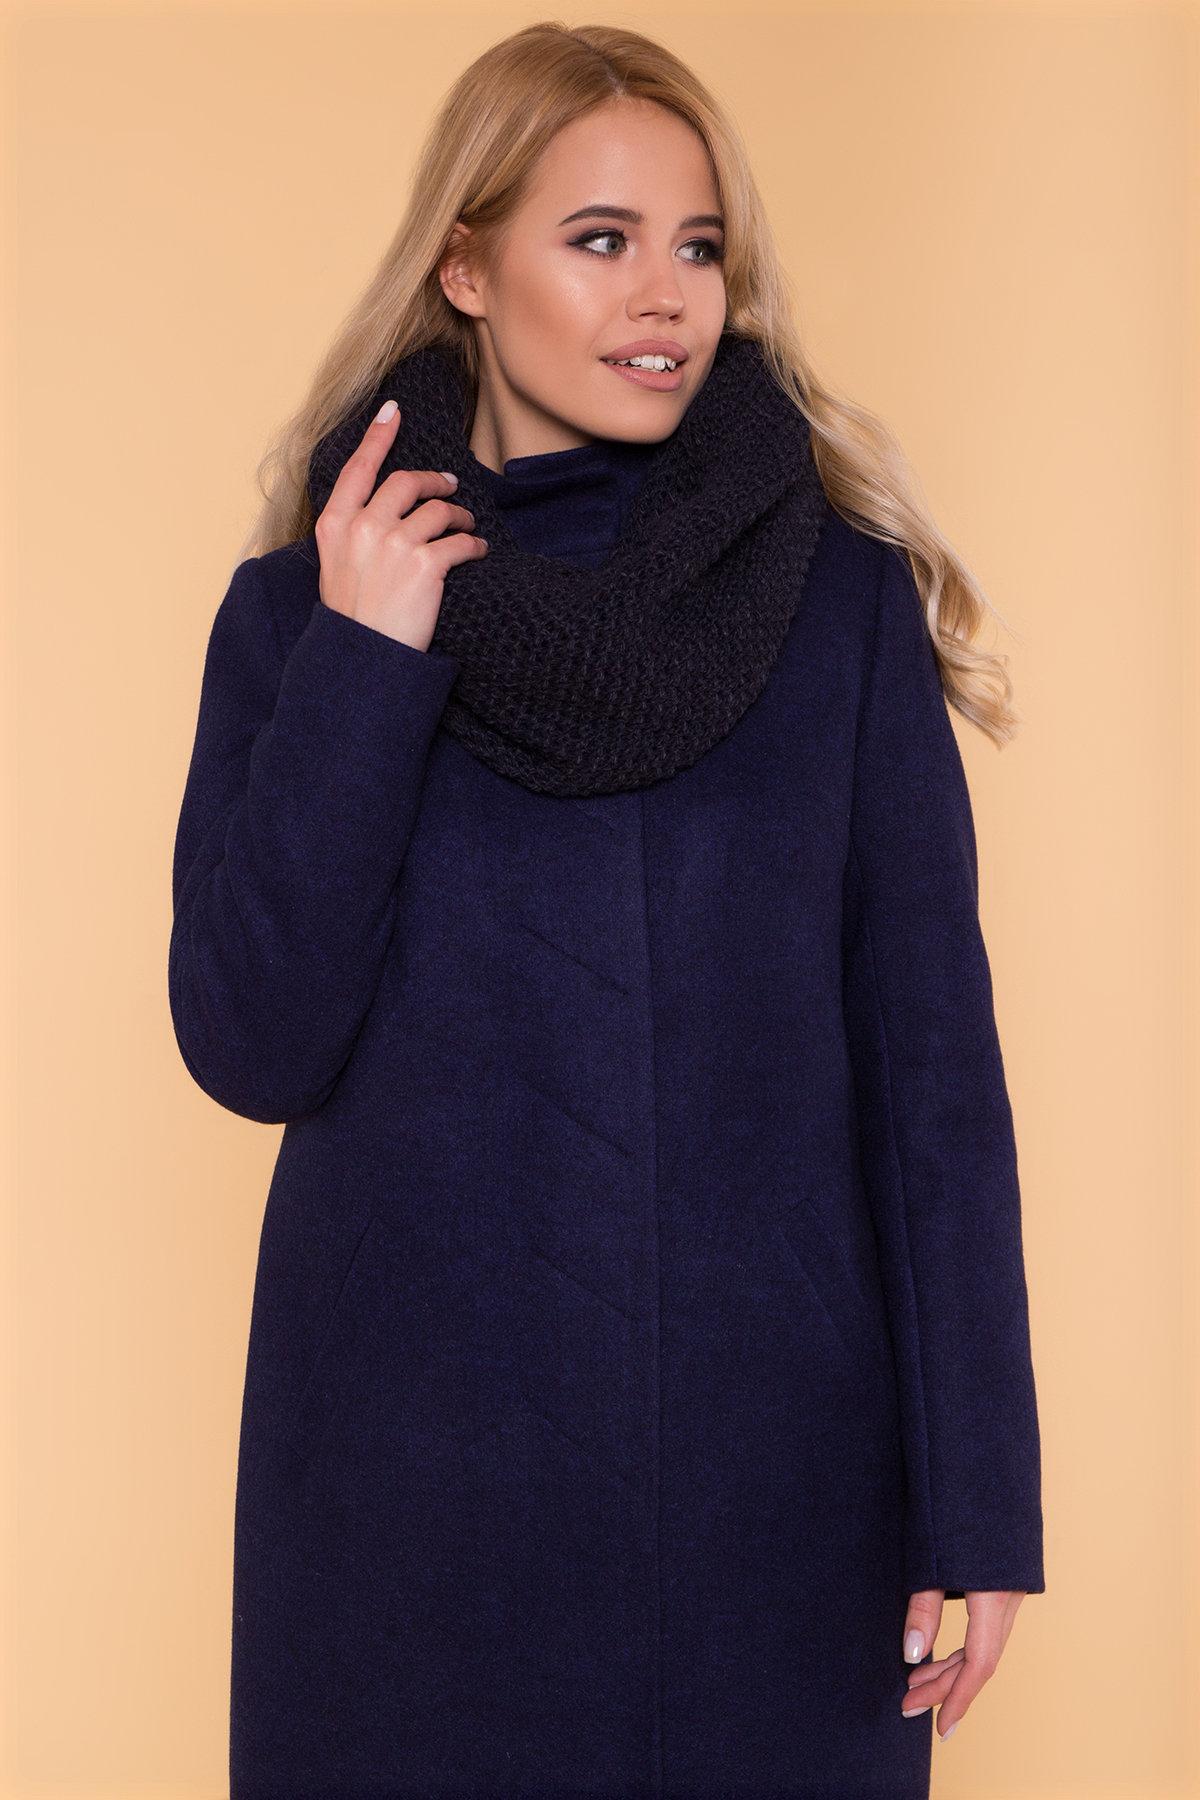 Зимнее пальто с хомутом Фортуна лайт 5802 Цвет: Т.синий 17